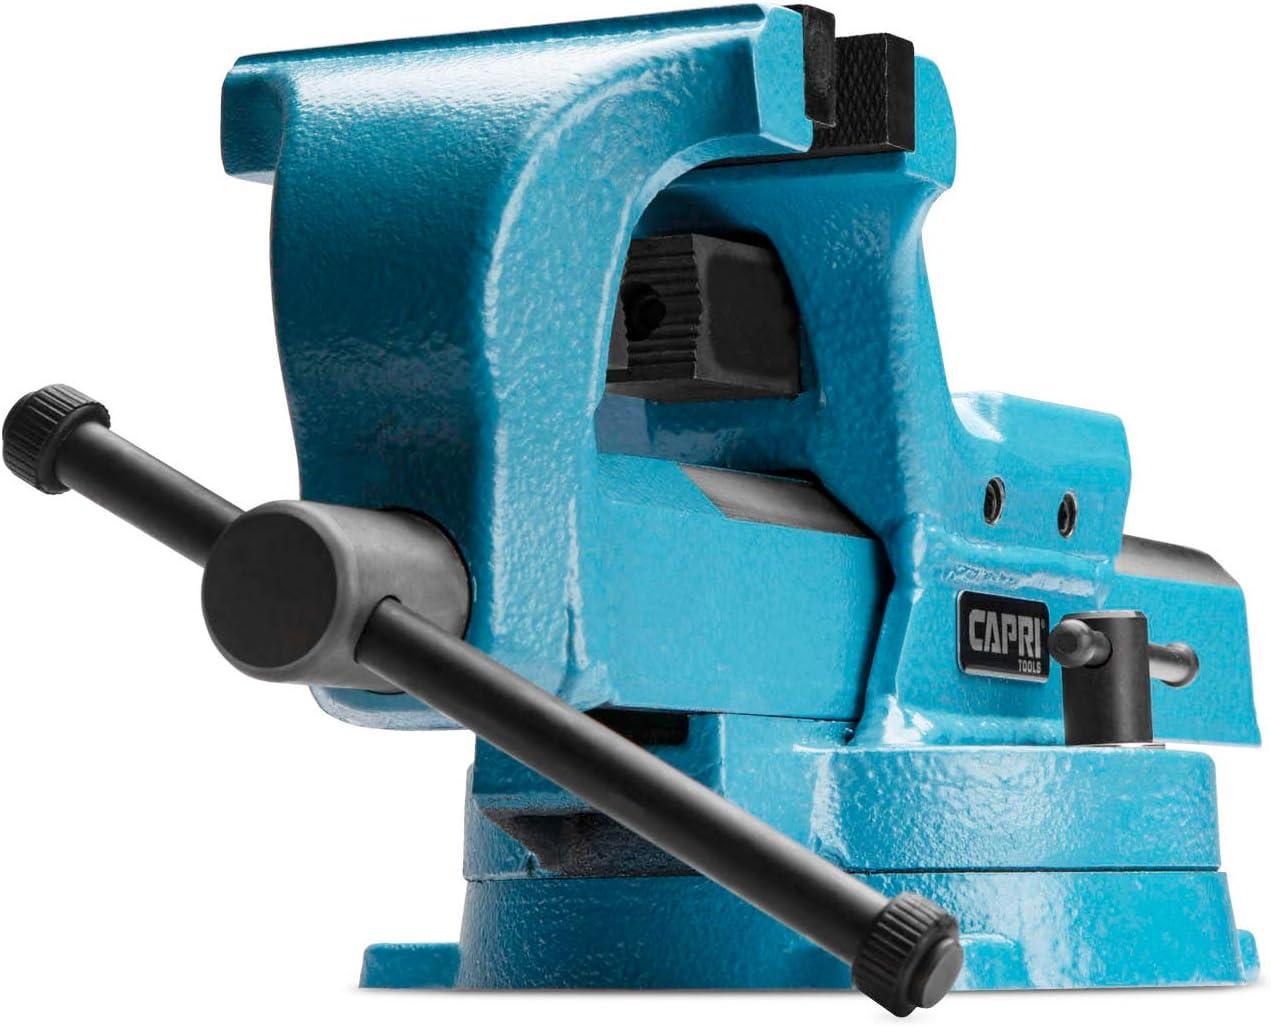 Capri Tools 10515